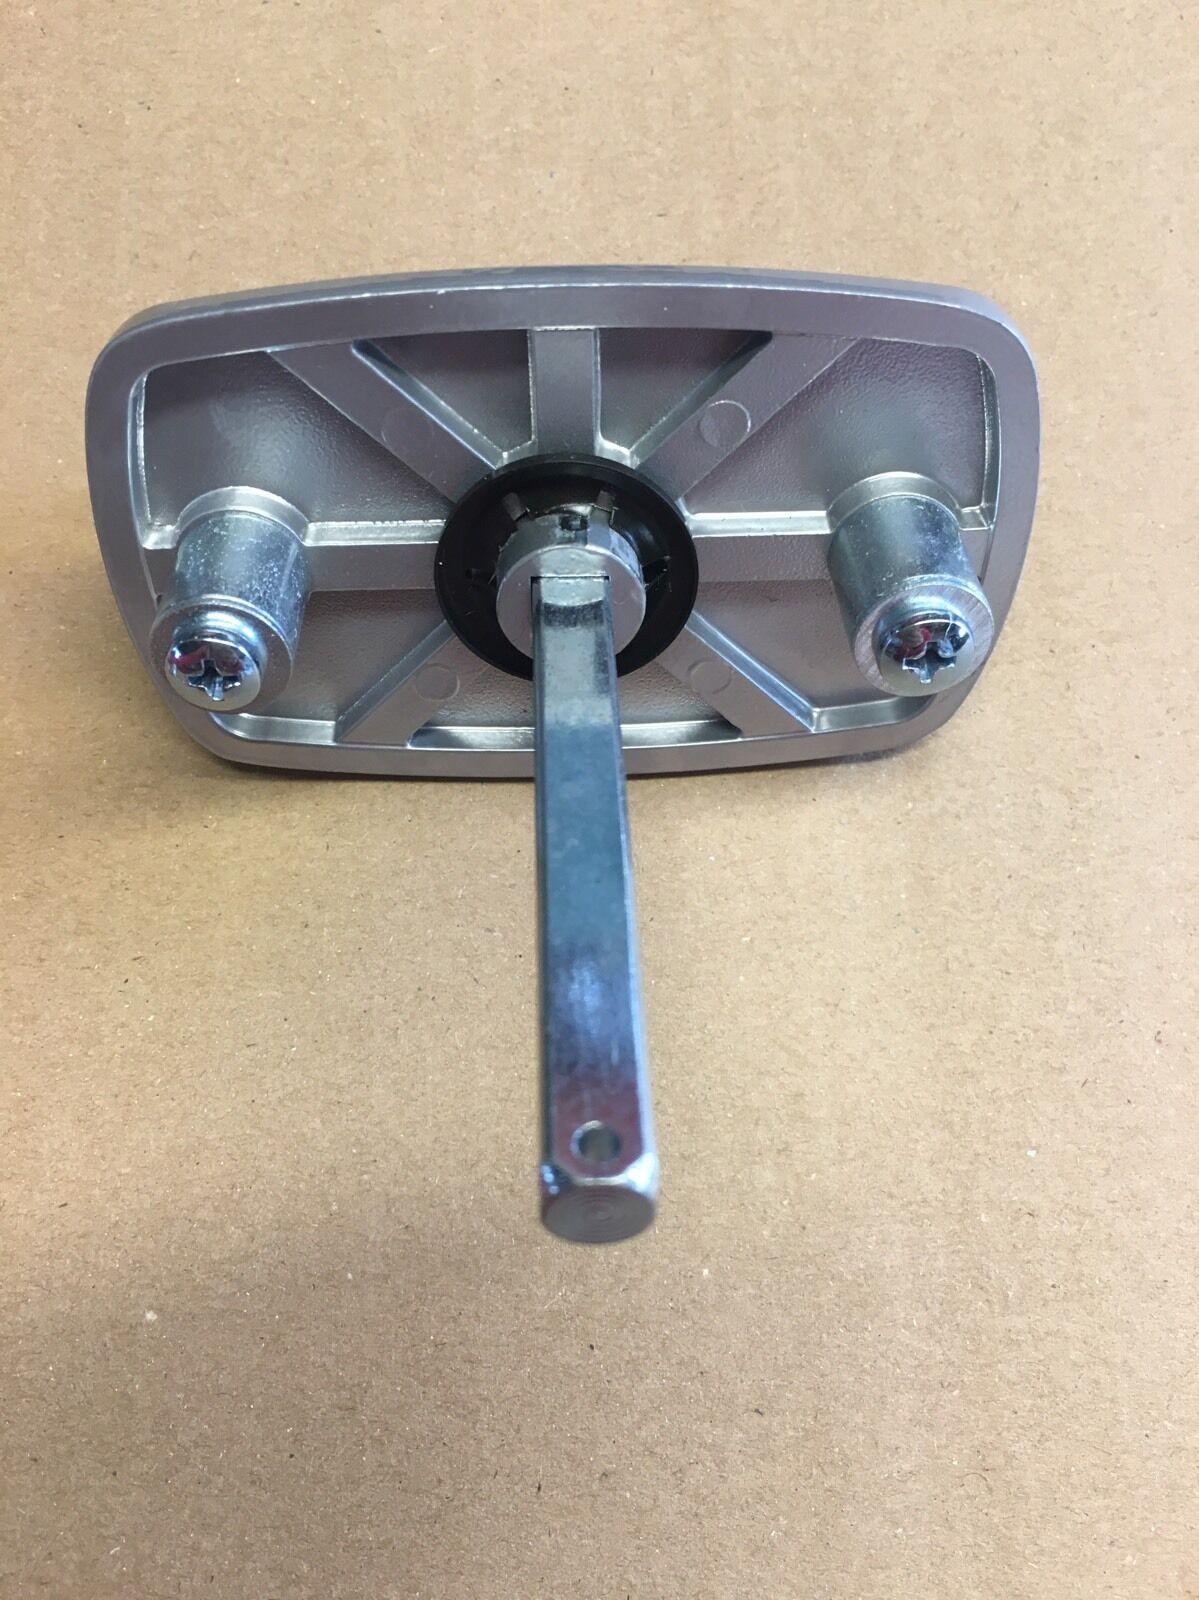 New Marley Garage Door T Handle Lock Parts 15mm Autodor Truckman Top